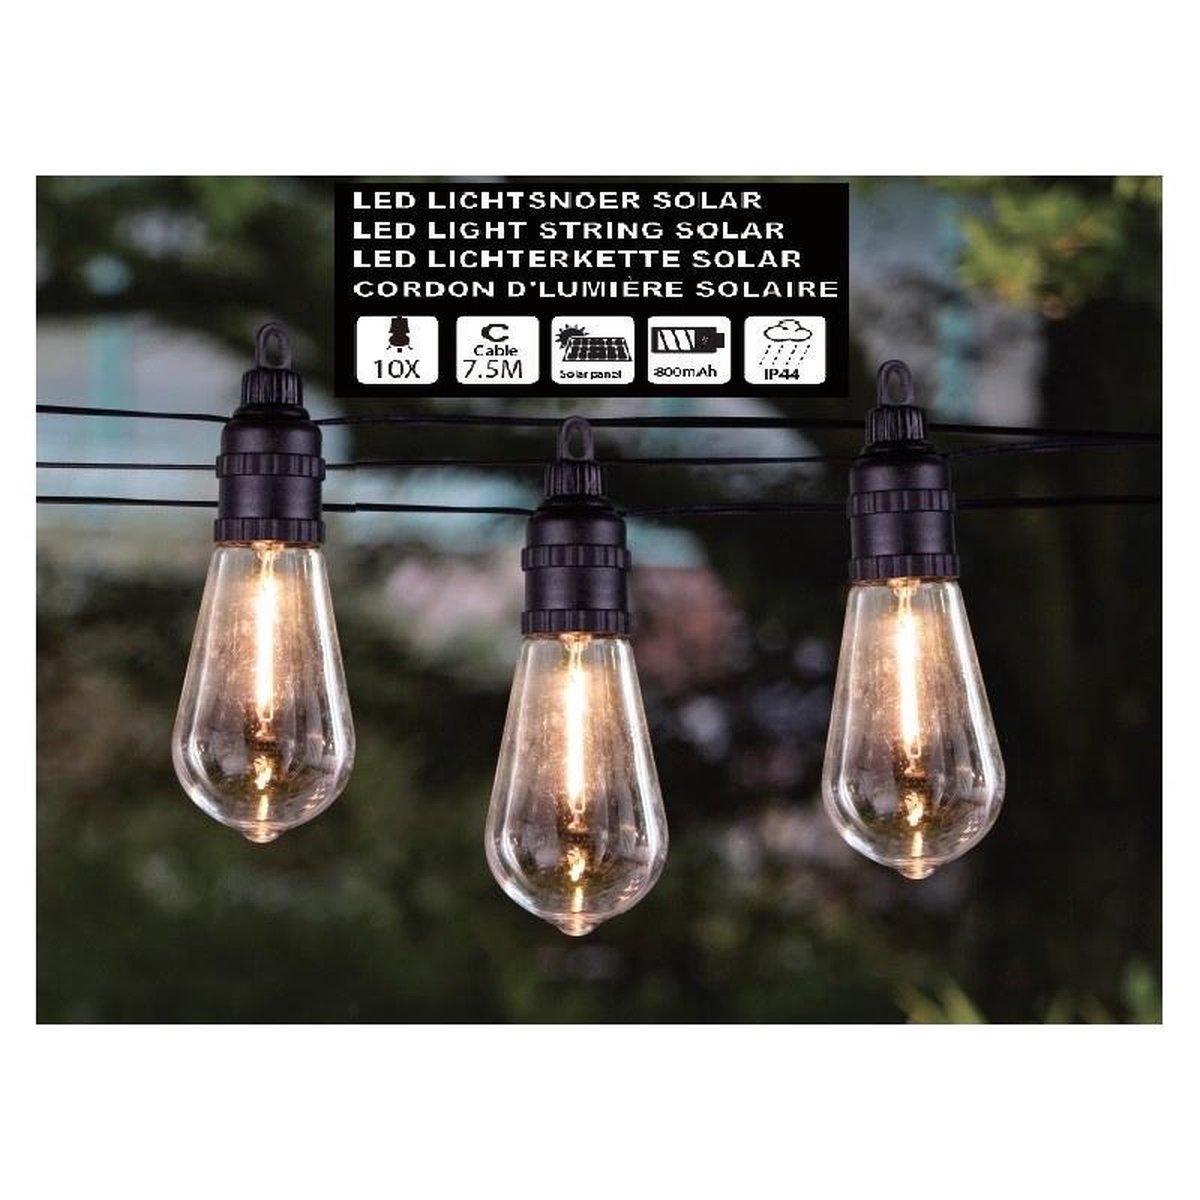 Hofftech Solar Led Lichtsnoer - 10 Led Lampen - 7.5 Meter - Warm Wit - Binnen & Buiten